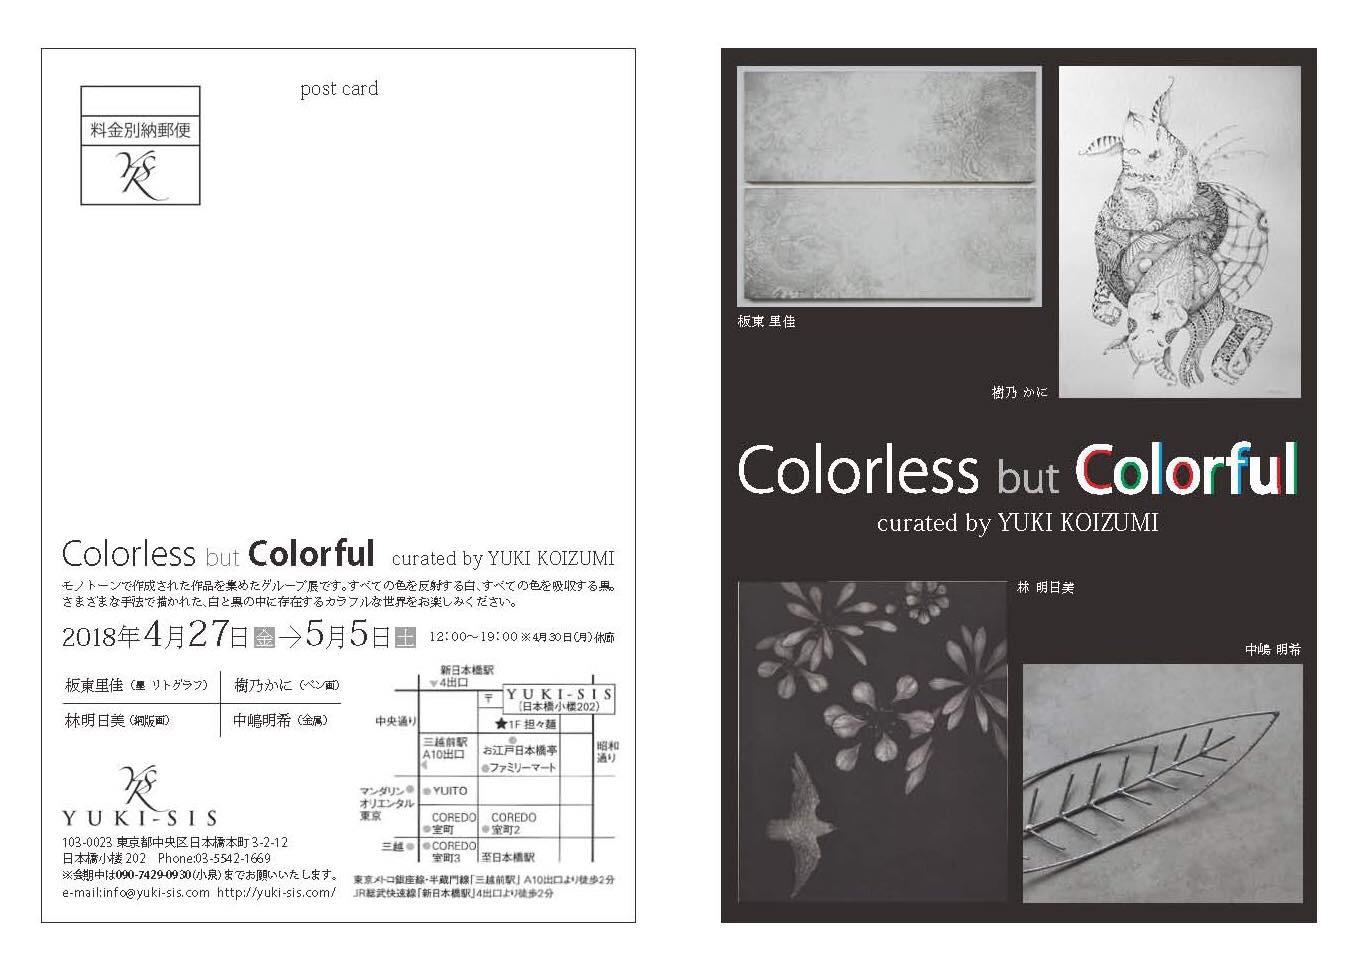 グループ展のご案内 / Colorless but Colorful - 窓の向こう側